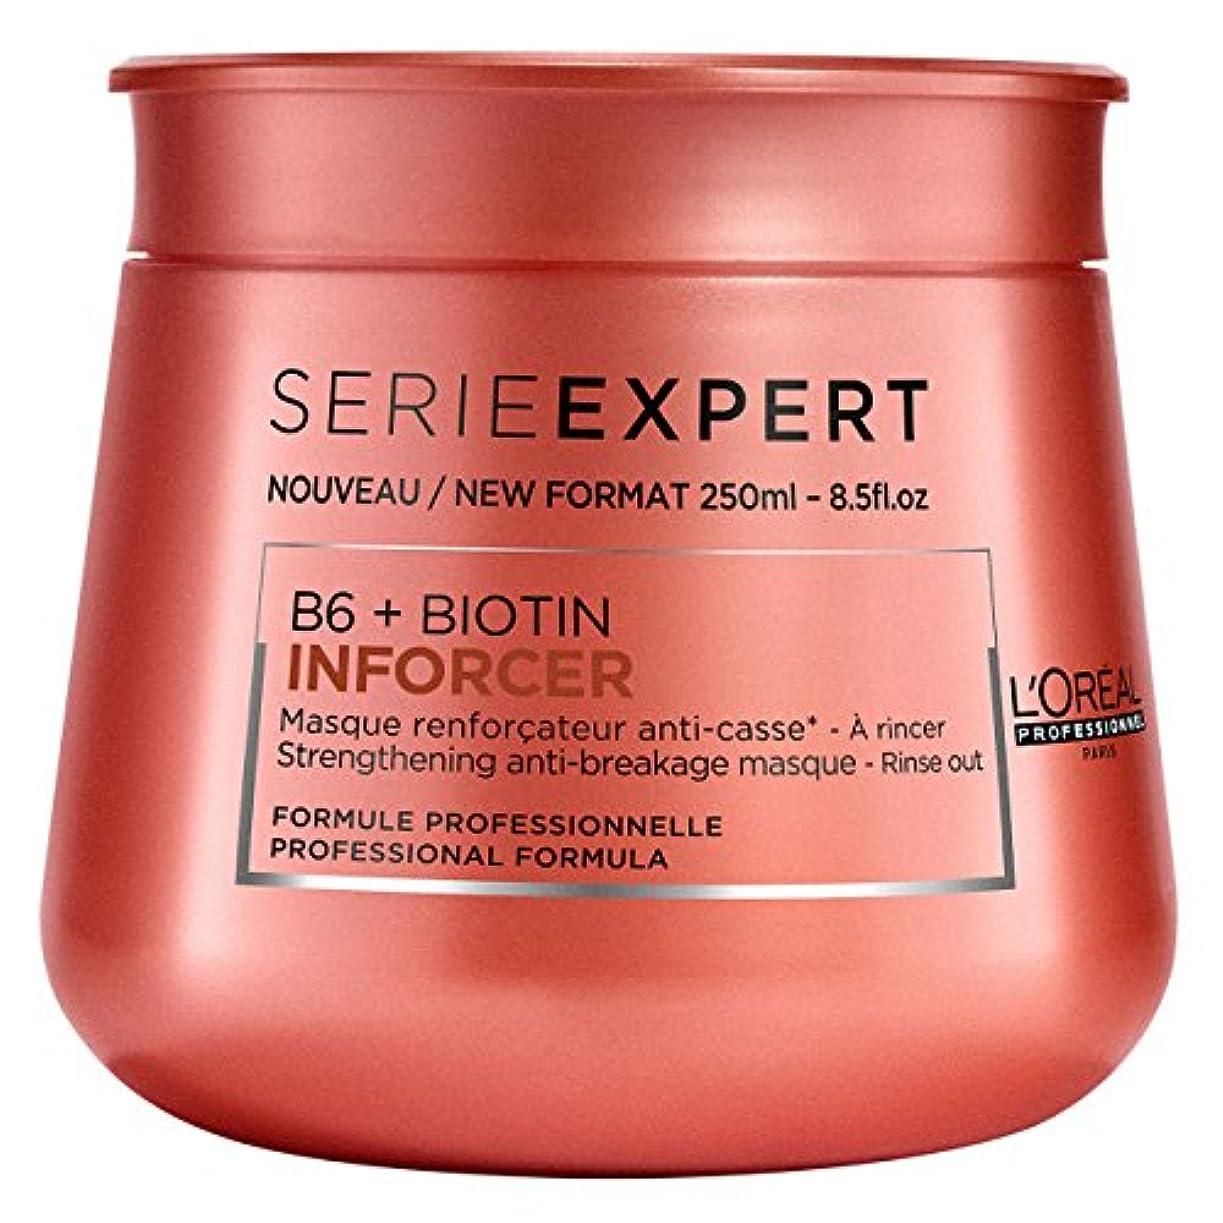 ありがたい艦隊耐えるL'Oreal Serie Expert B6 + Biotin INFORCER Strengthening Anti-Breakage Masque 250 ml [並行輸入品]